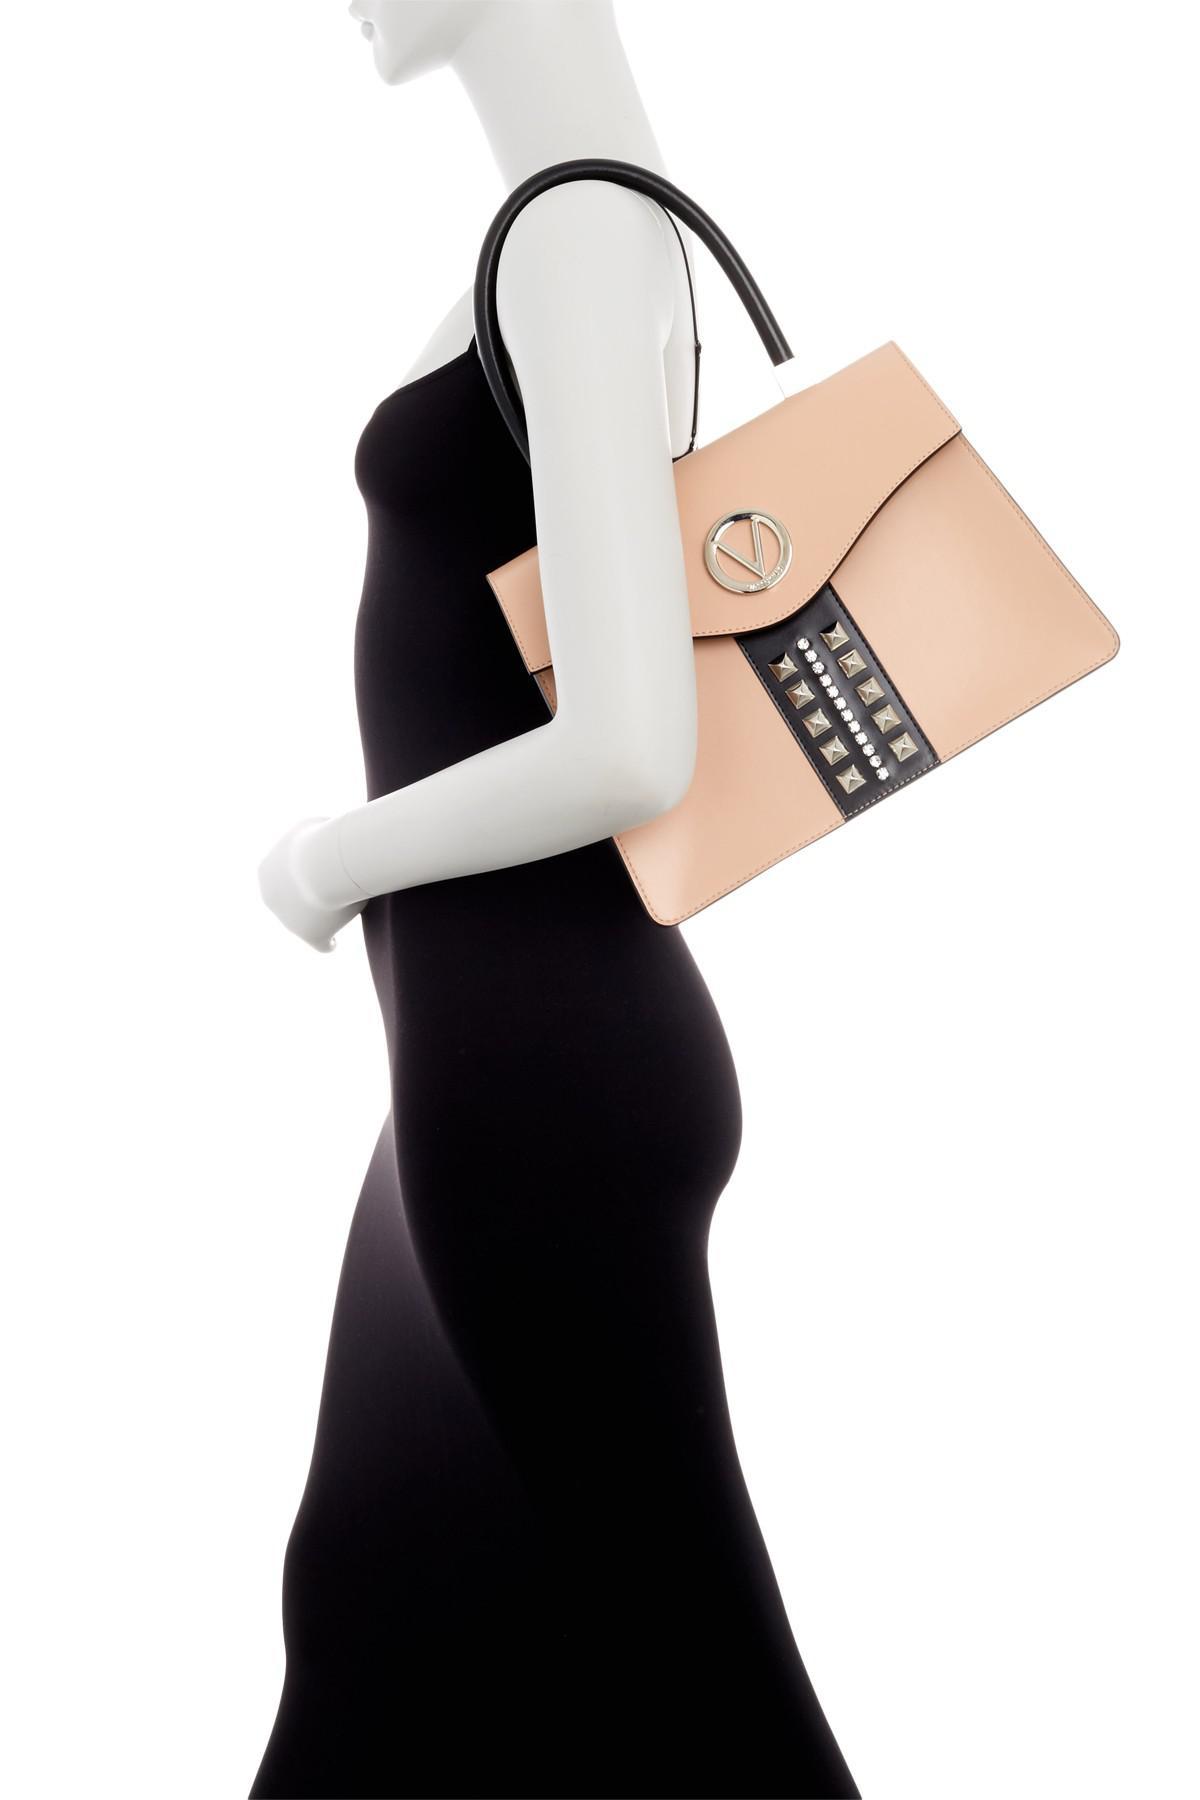 019a0e5adae Valentino By Mario Valentino Melanie Sve Black Leather Satchel Bag ...